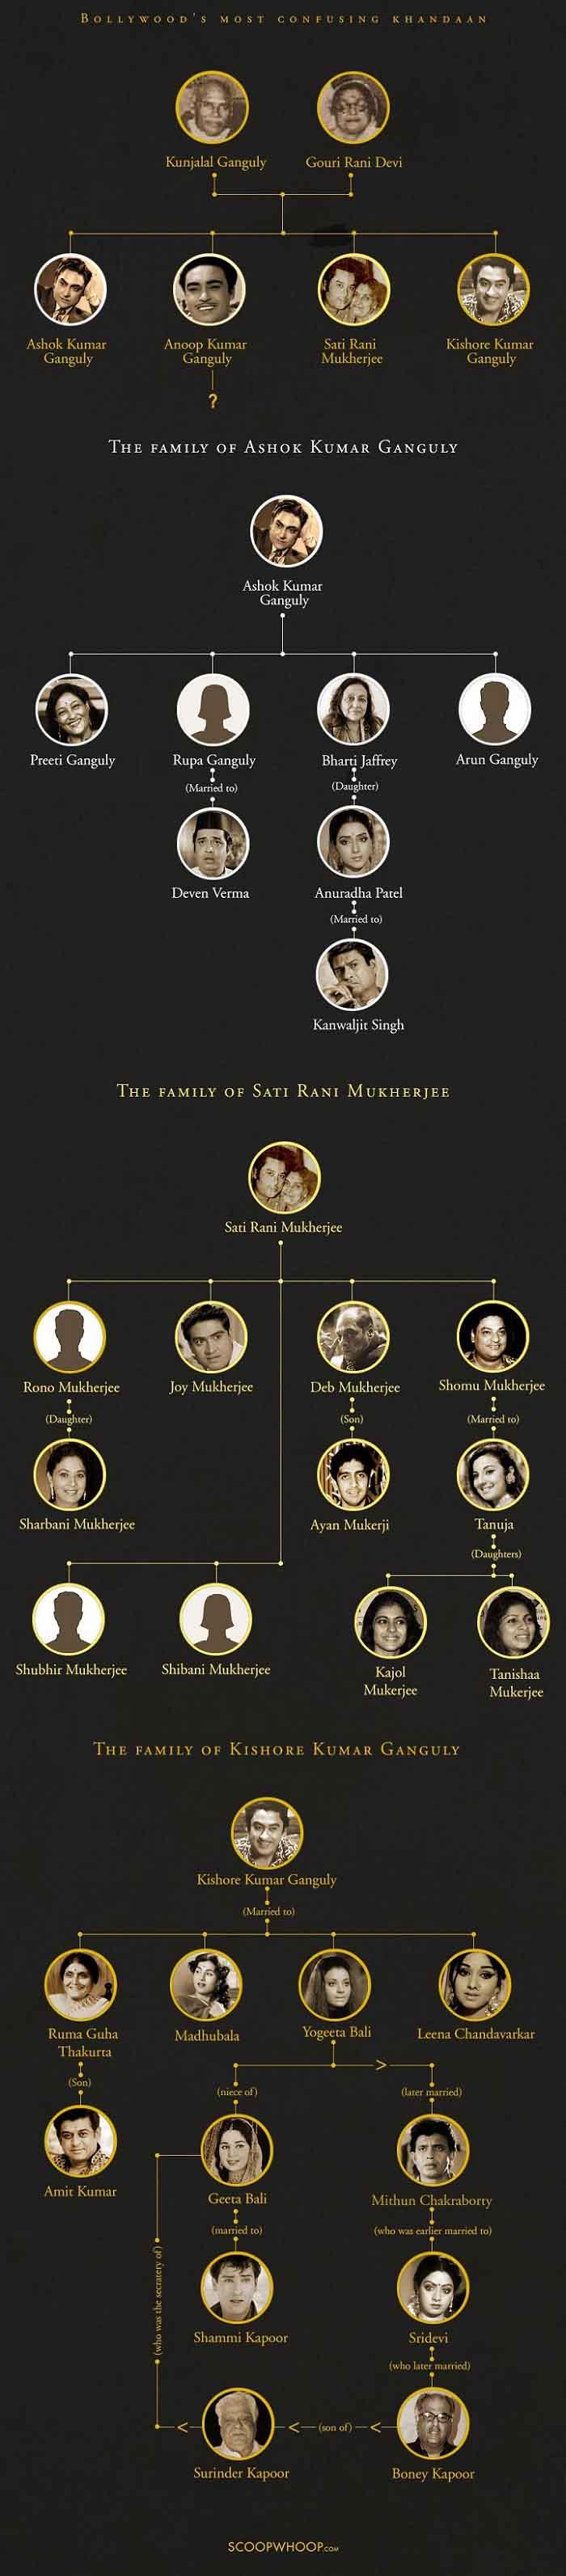 Silsilah Keluarga Mukherjee - hingga Kajol. (FOTO: scoopwhoop.com)